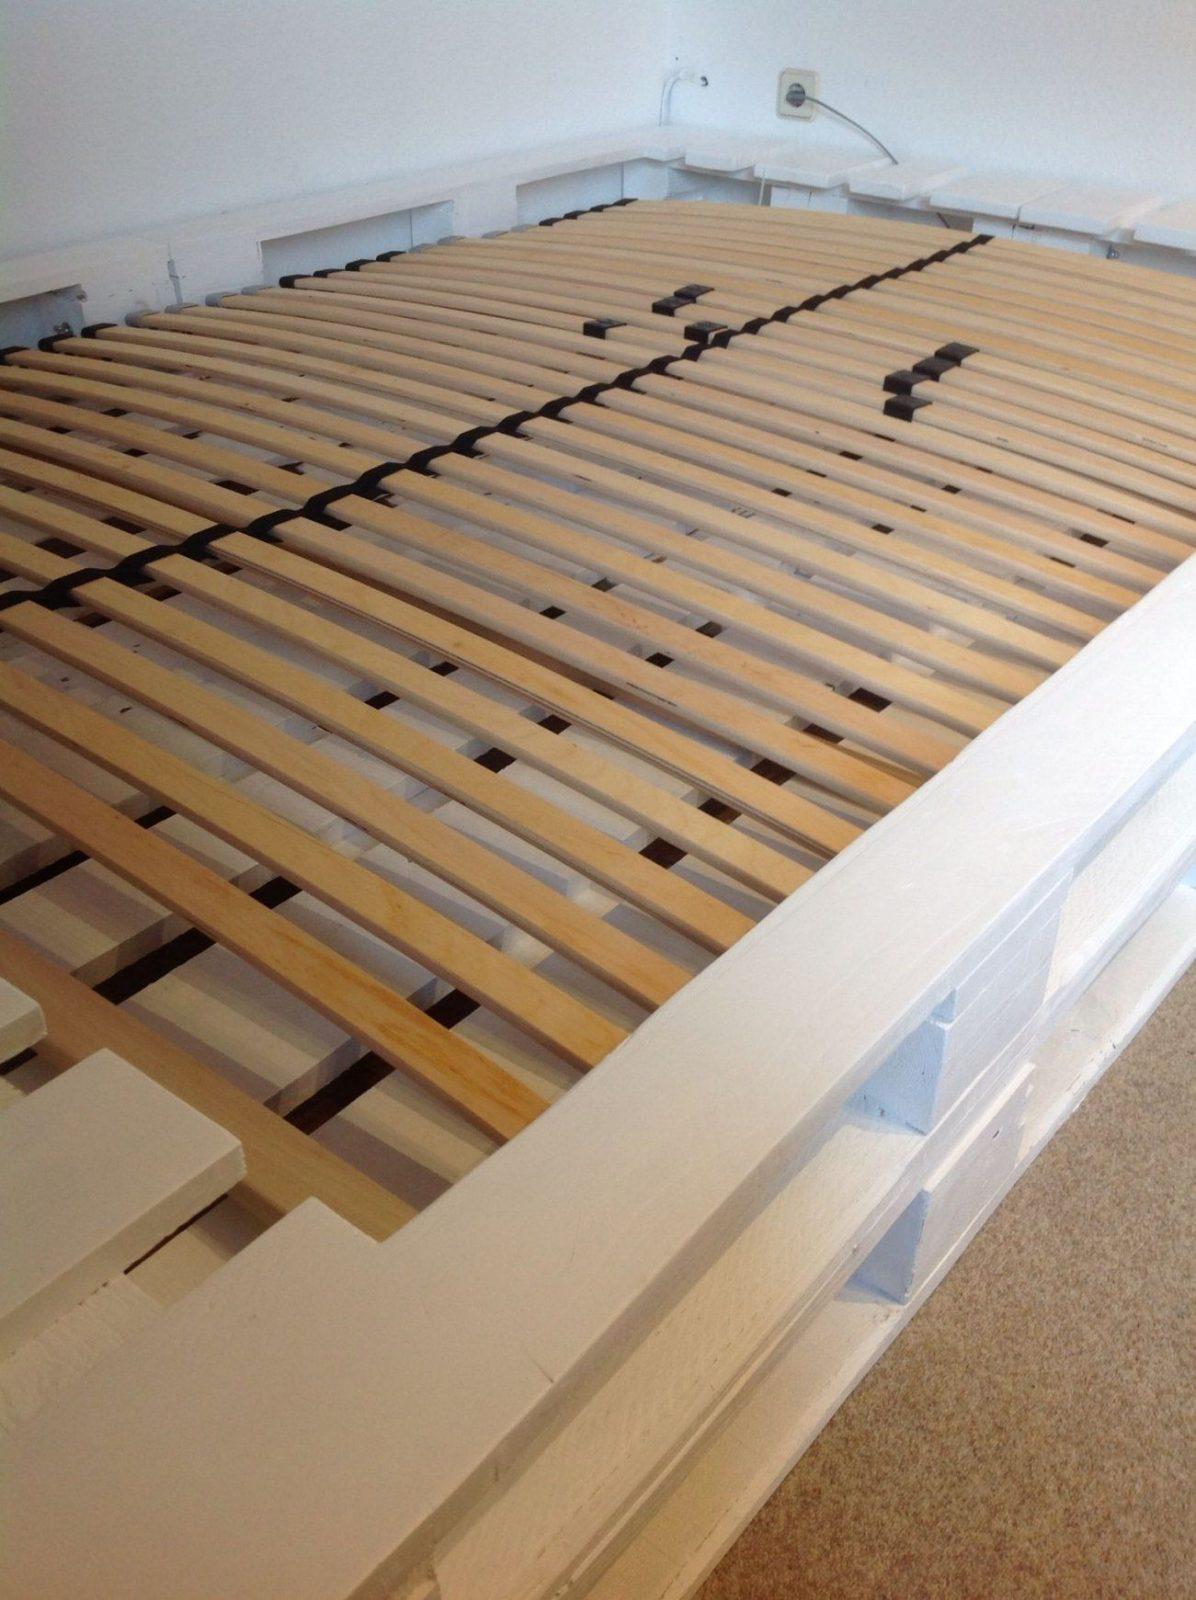 Palettenbett Mit Lattenrost In Weiß  Palettenbett  Pinterest von Europaletten Bett Mit Lattenrost Bild